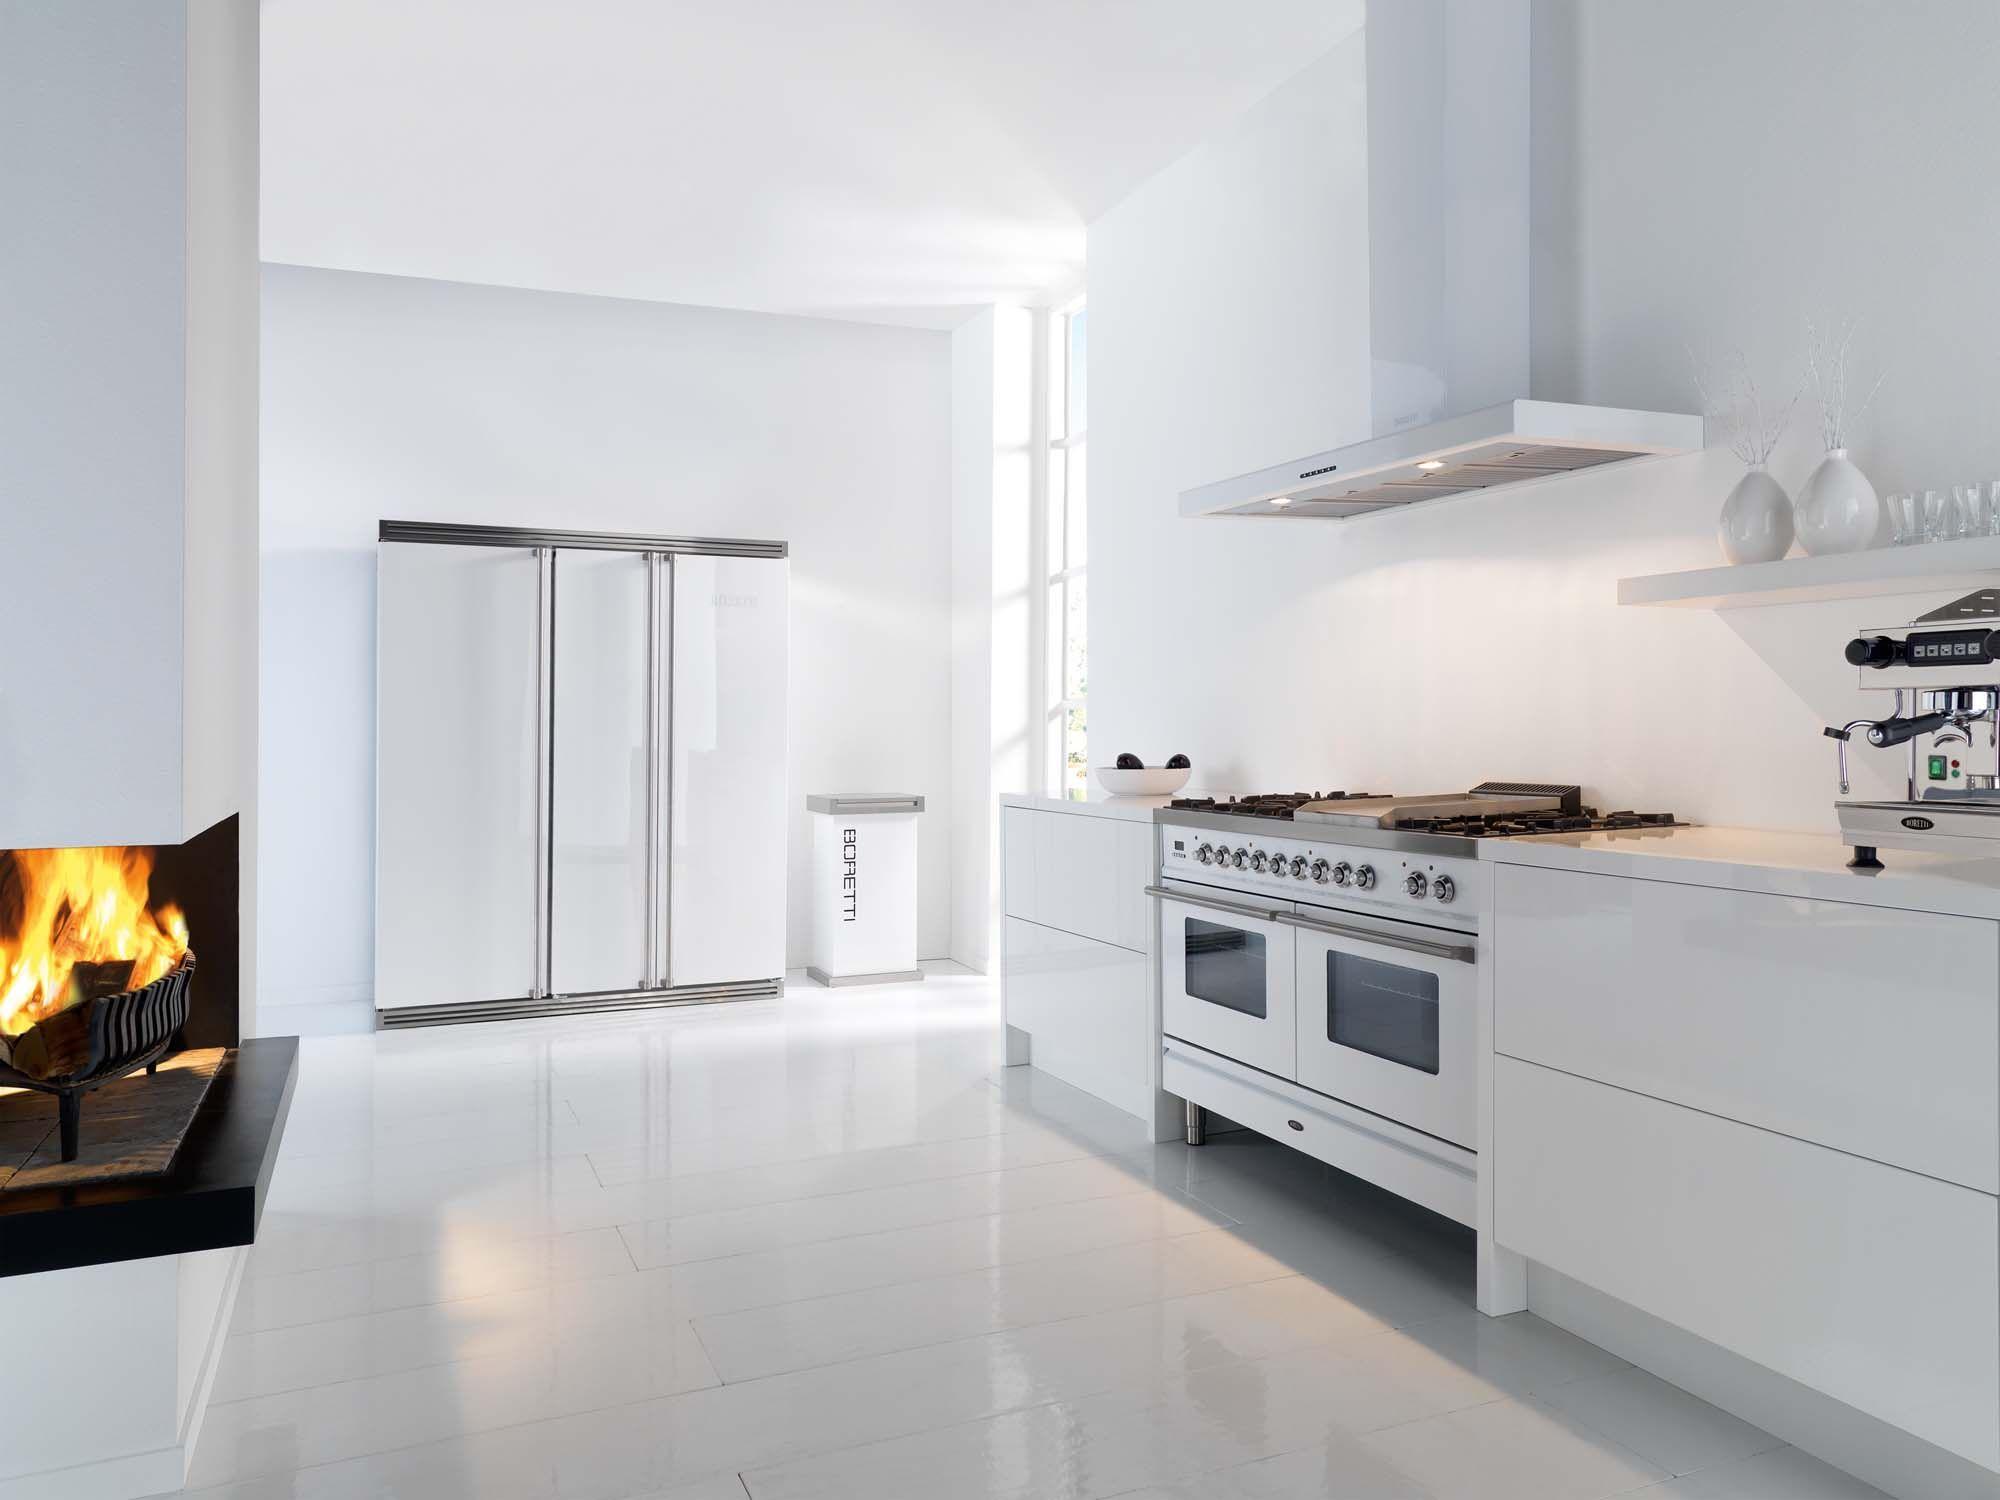 Boretti fornuis met ovens cm breed uitgevoerd in de kleur